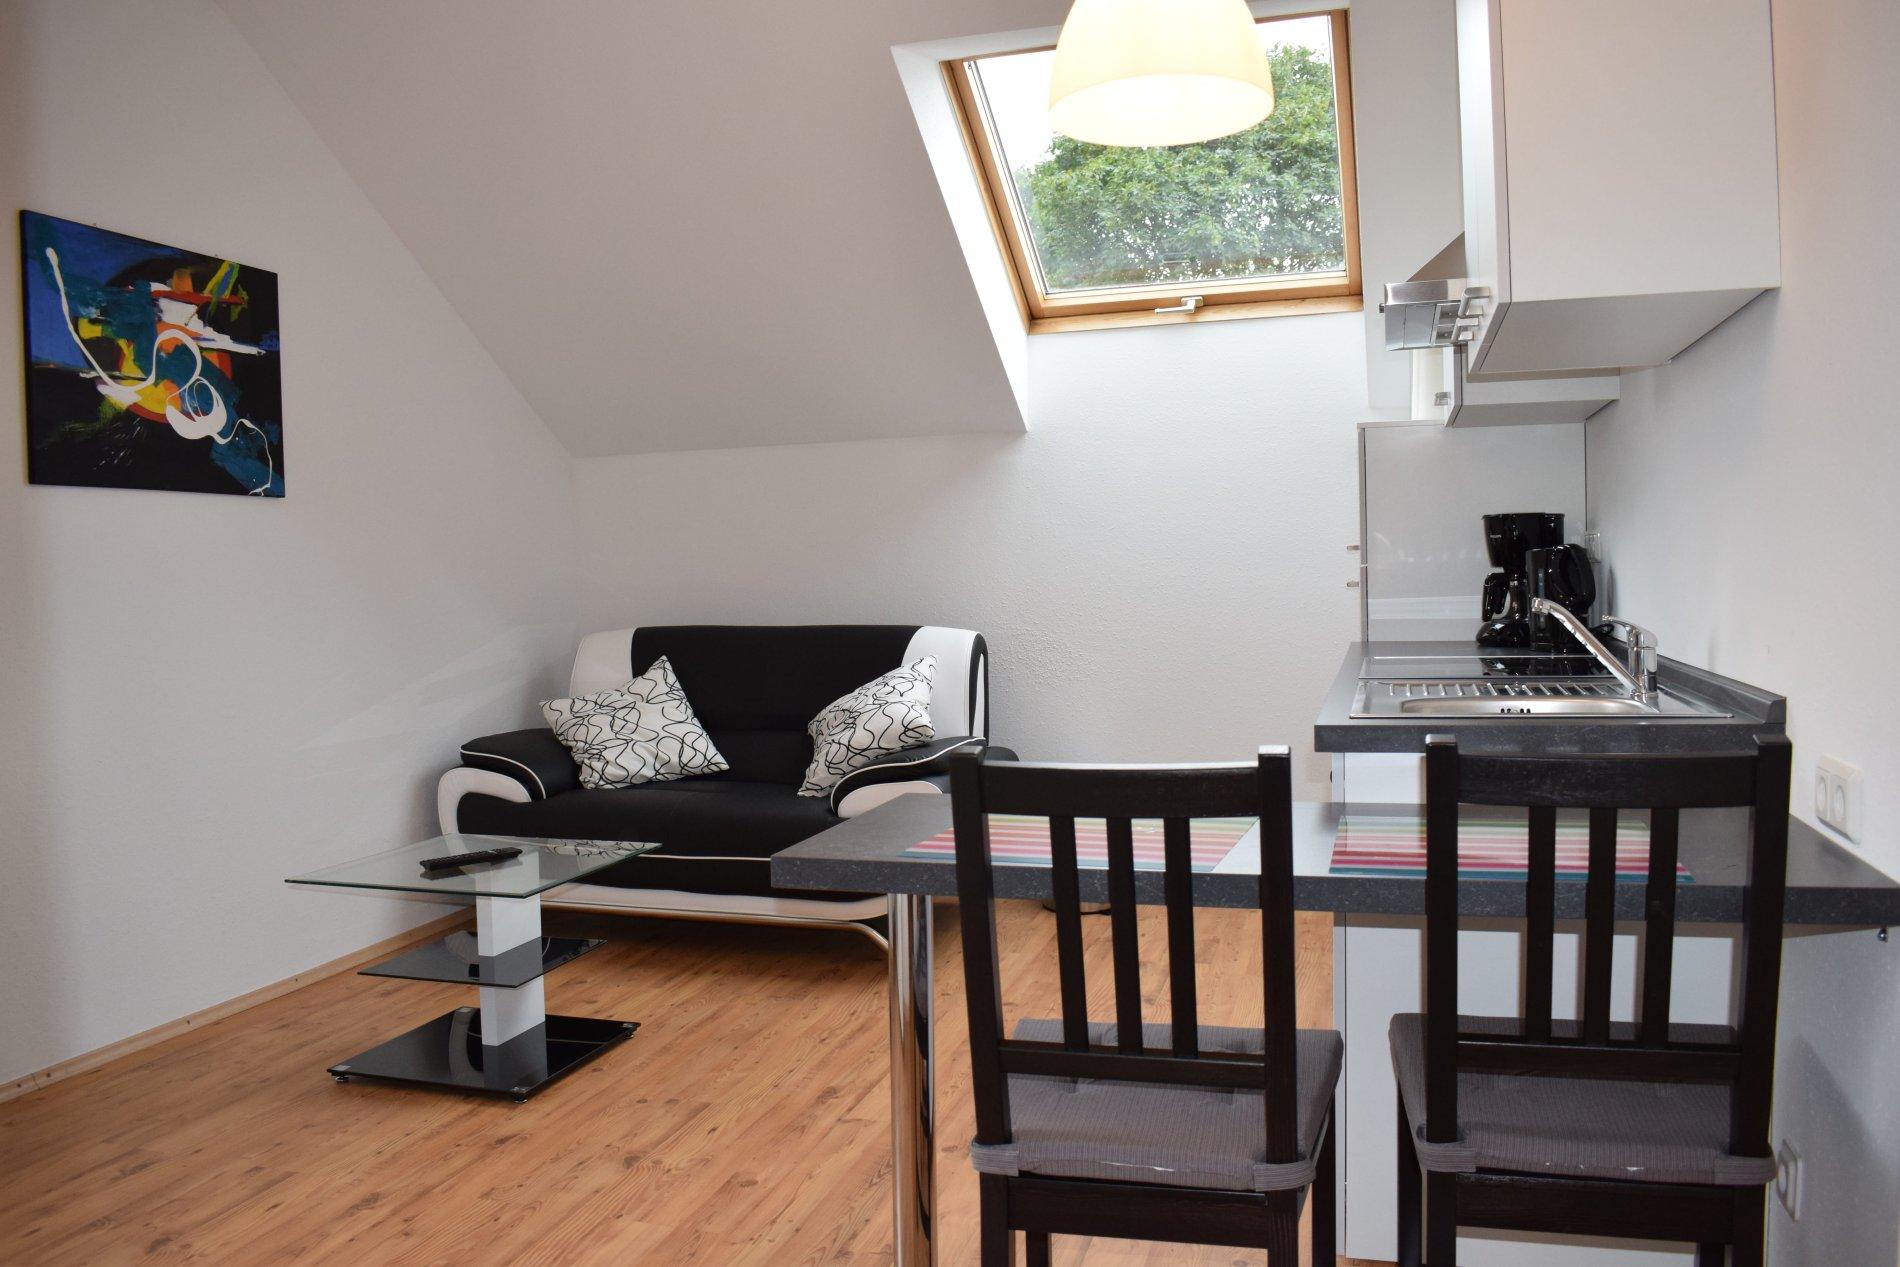 Wohn und Essbereich mit Tisch, zwei Stühlen, Sofa und Couchtisch